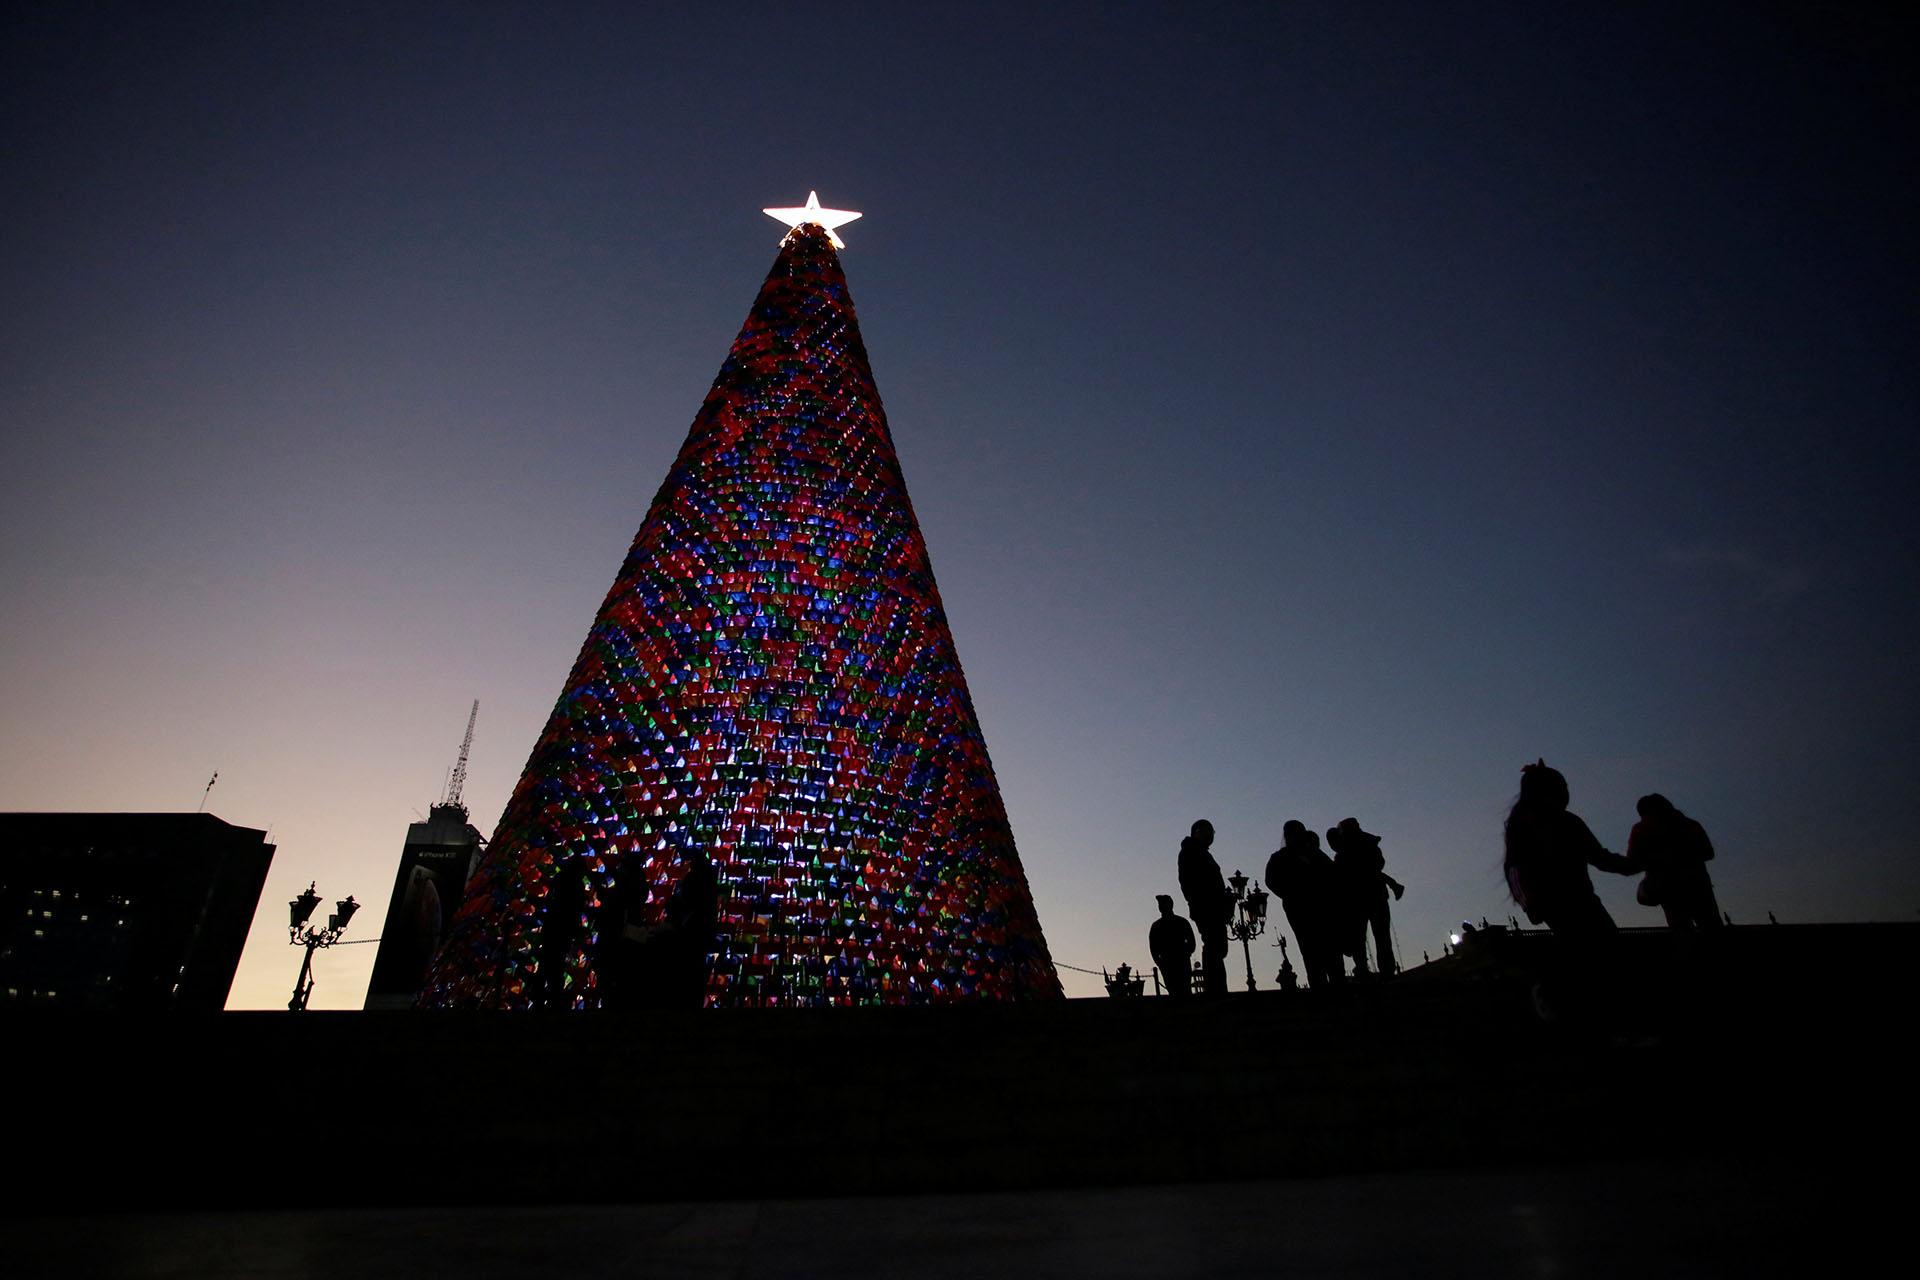 MONTERREY, MÉXICO. El árbol de navidad mexicano creado con sillas de plástico está en la Macroplaza de Monterrey